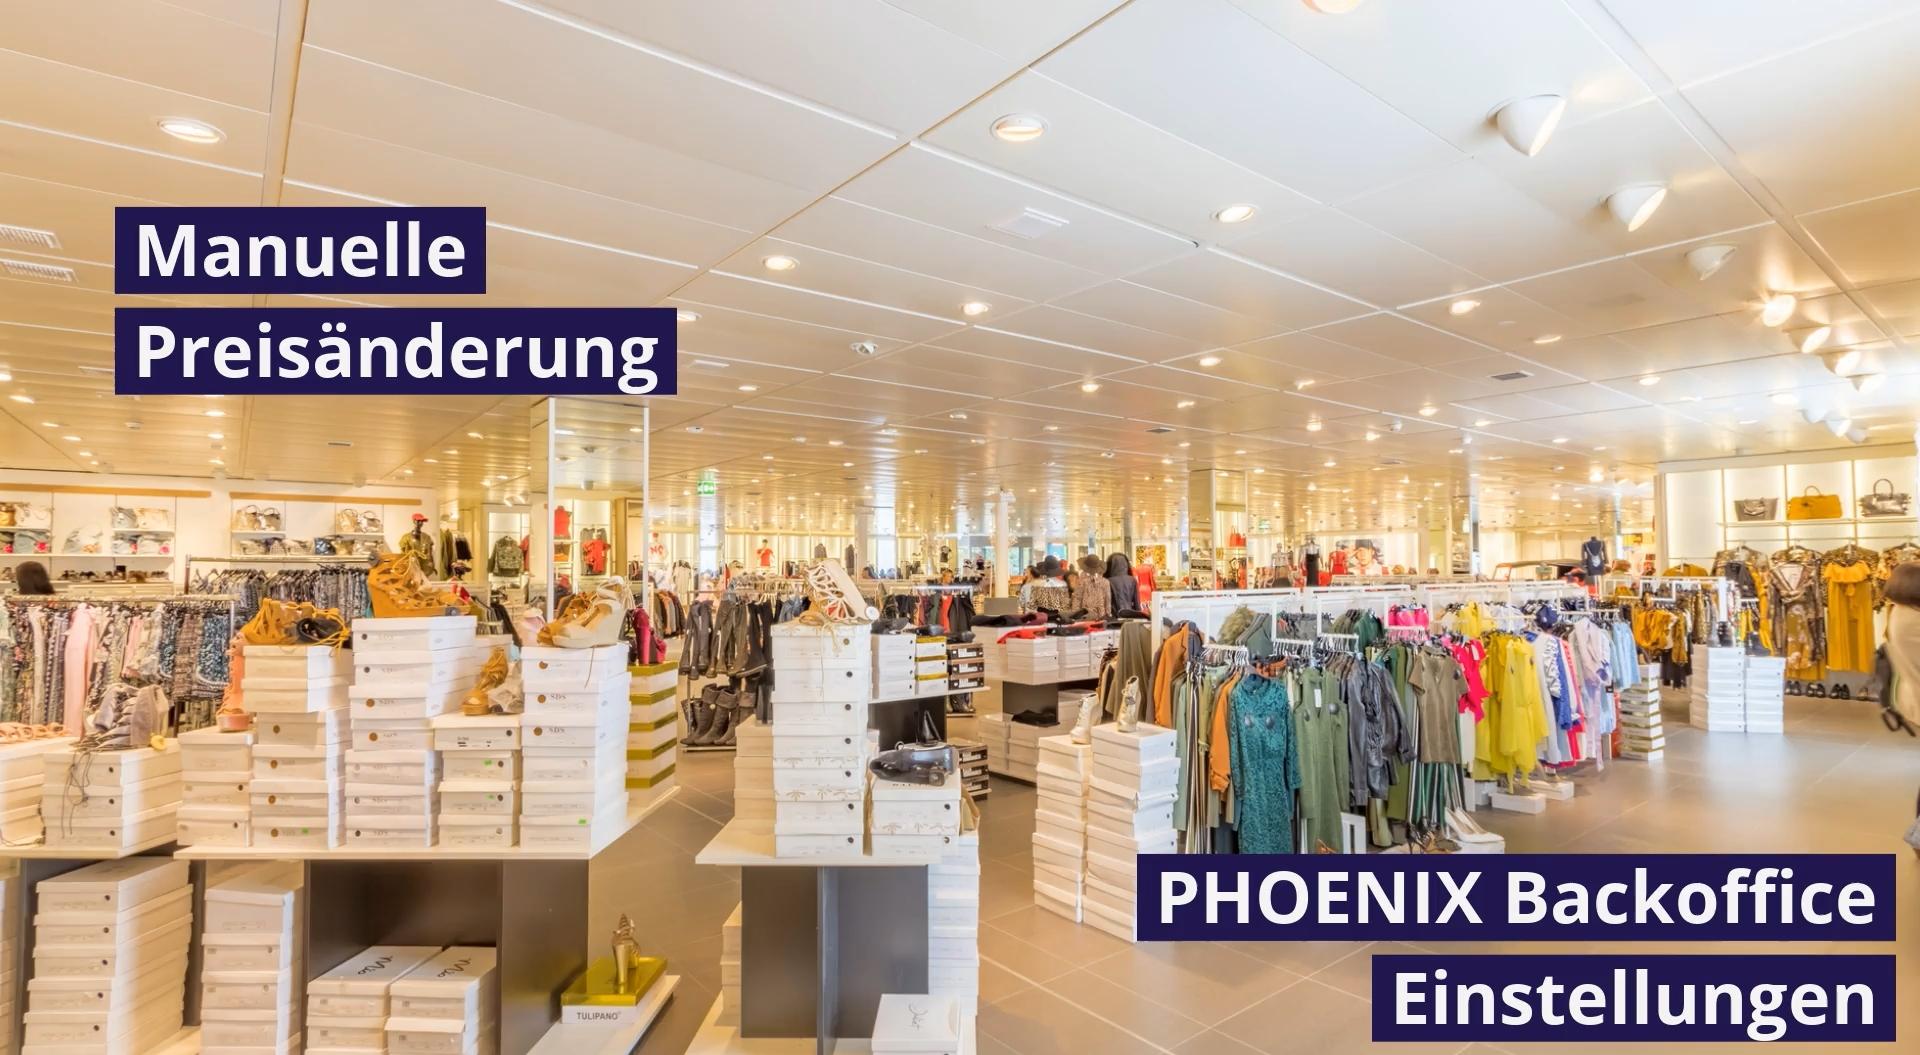 PHOENIX Feature - Manuelle Preisänderung